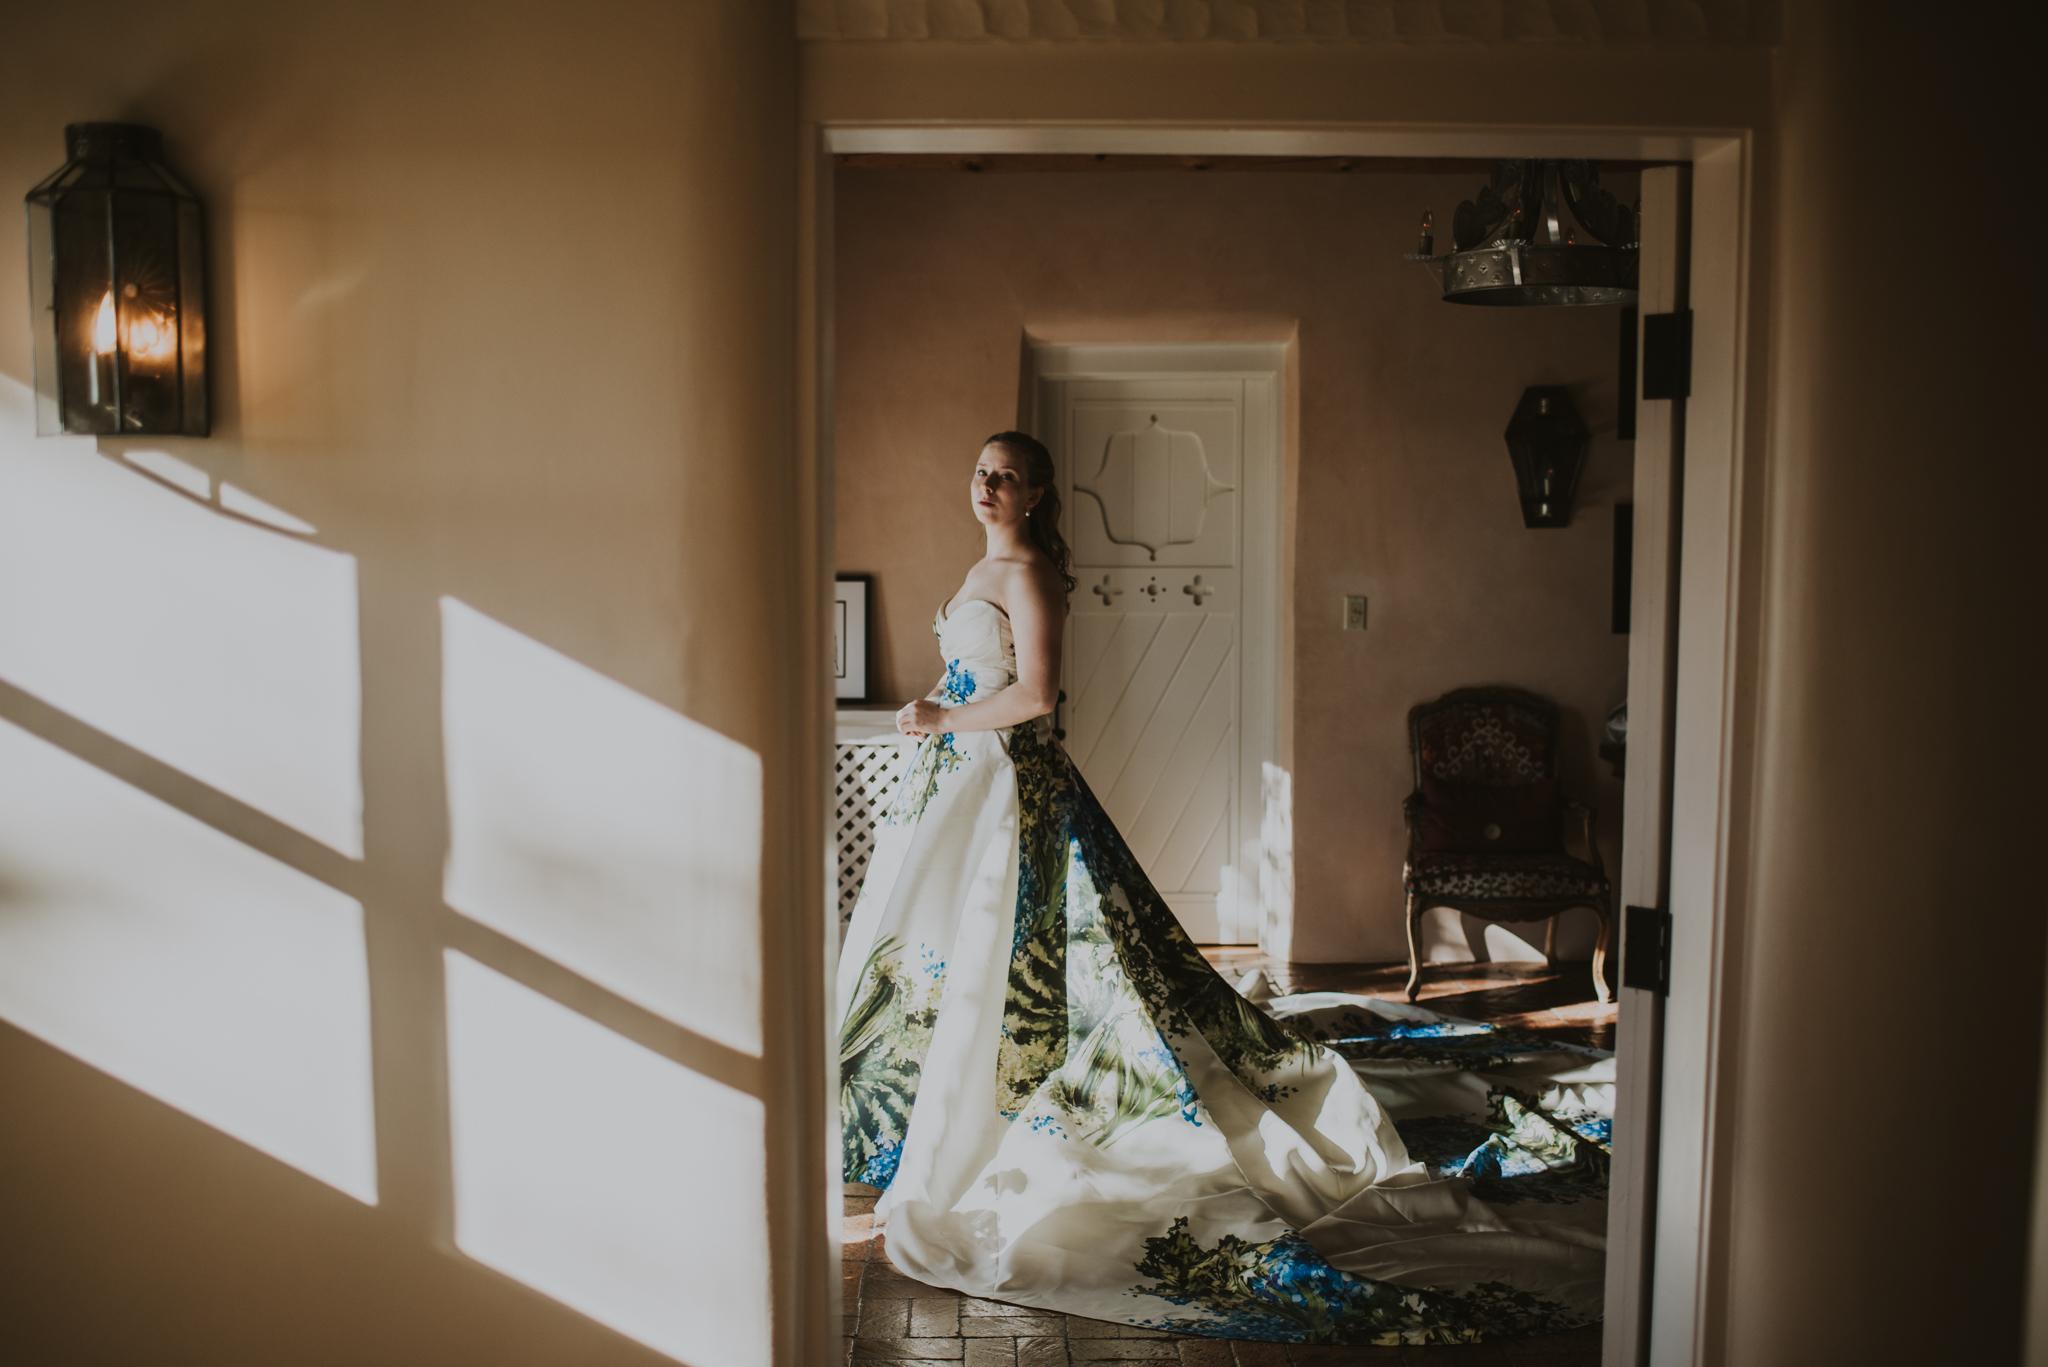 Seattle Wedding Photographer | Wedding Photographers in Seattle, Washington